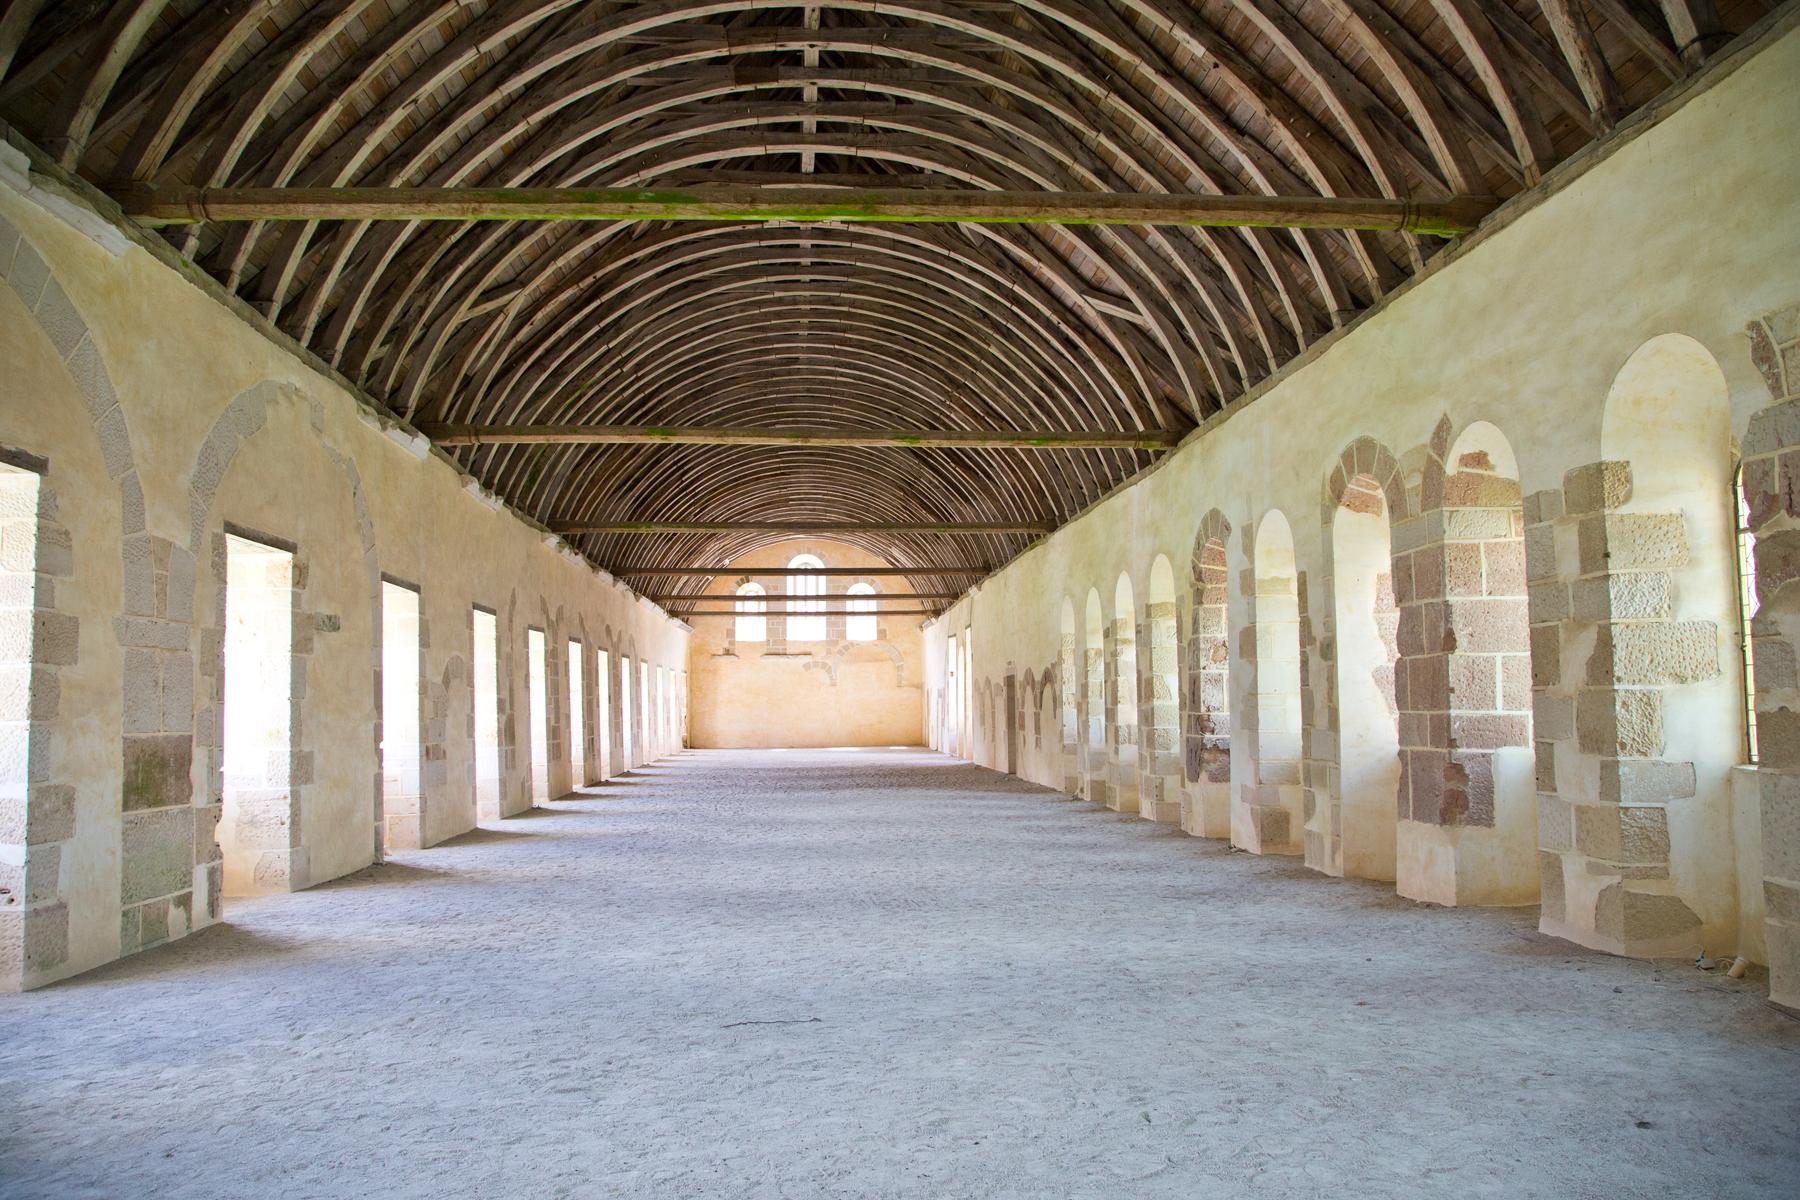 Schlafsaal der Mönche